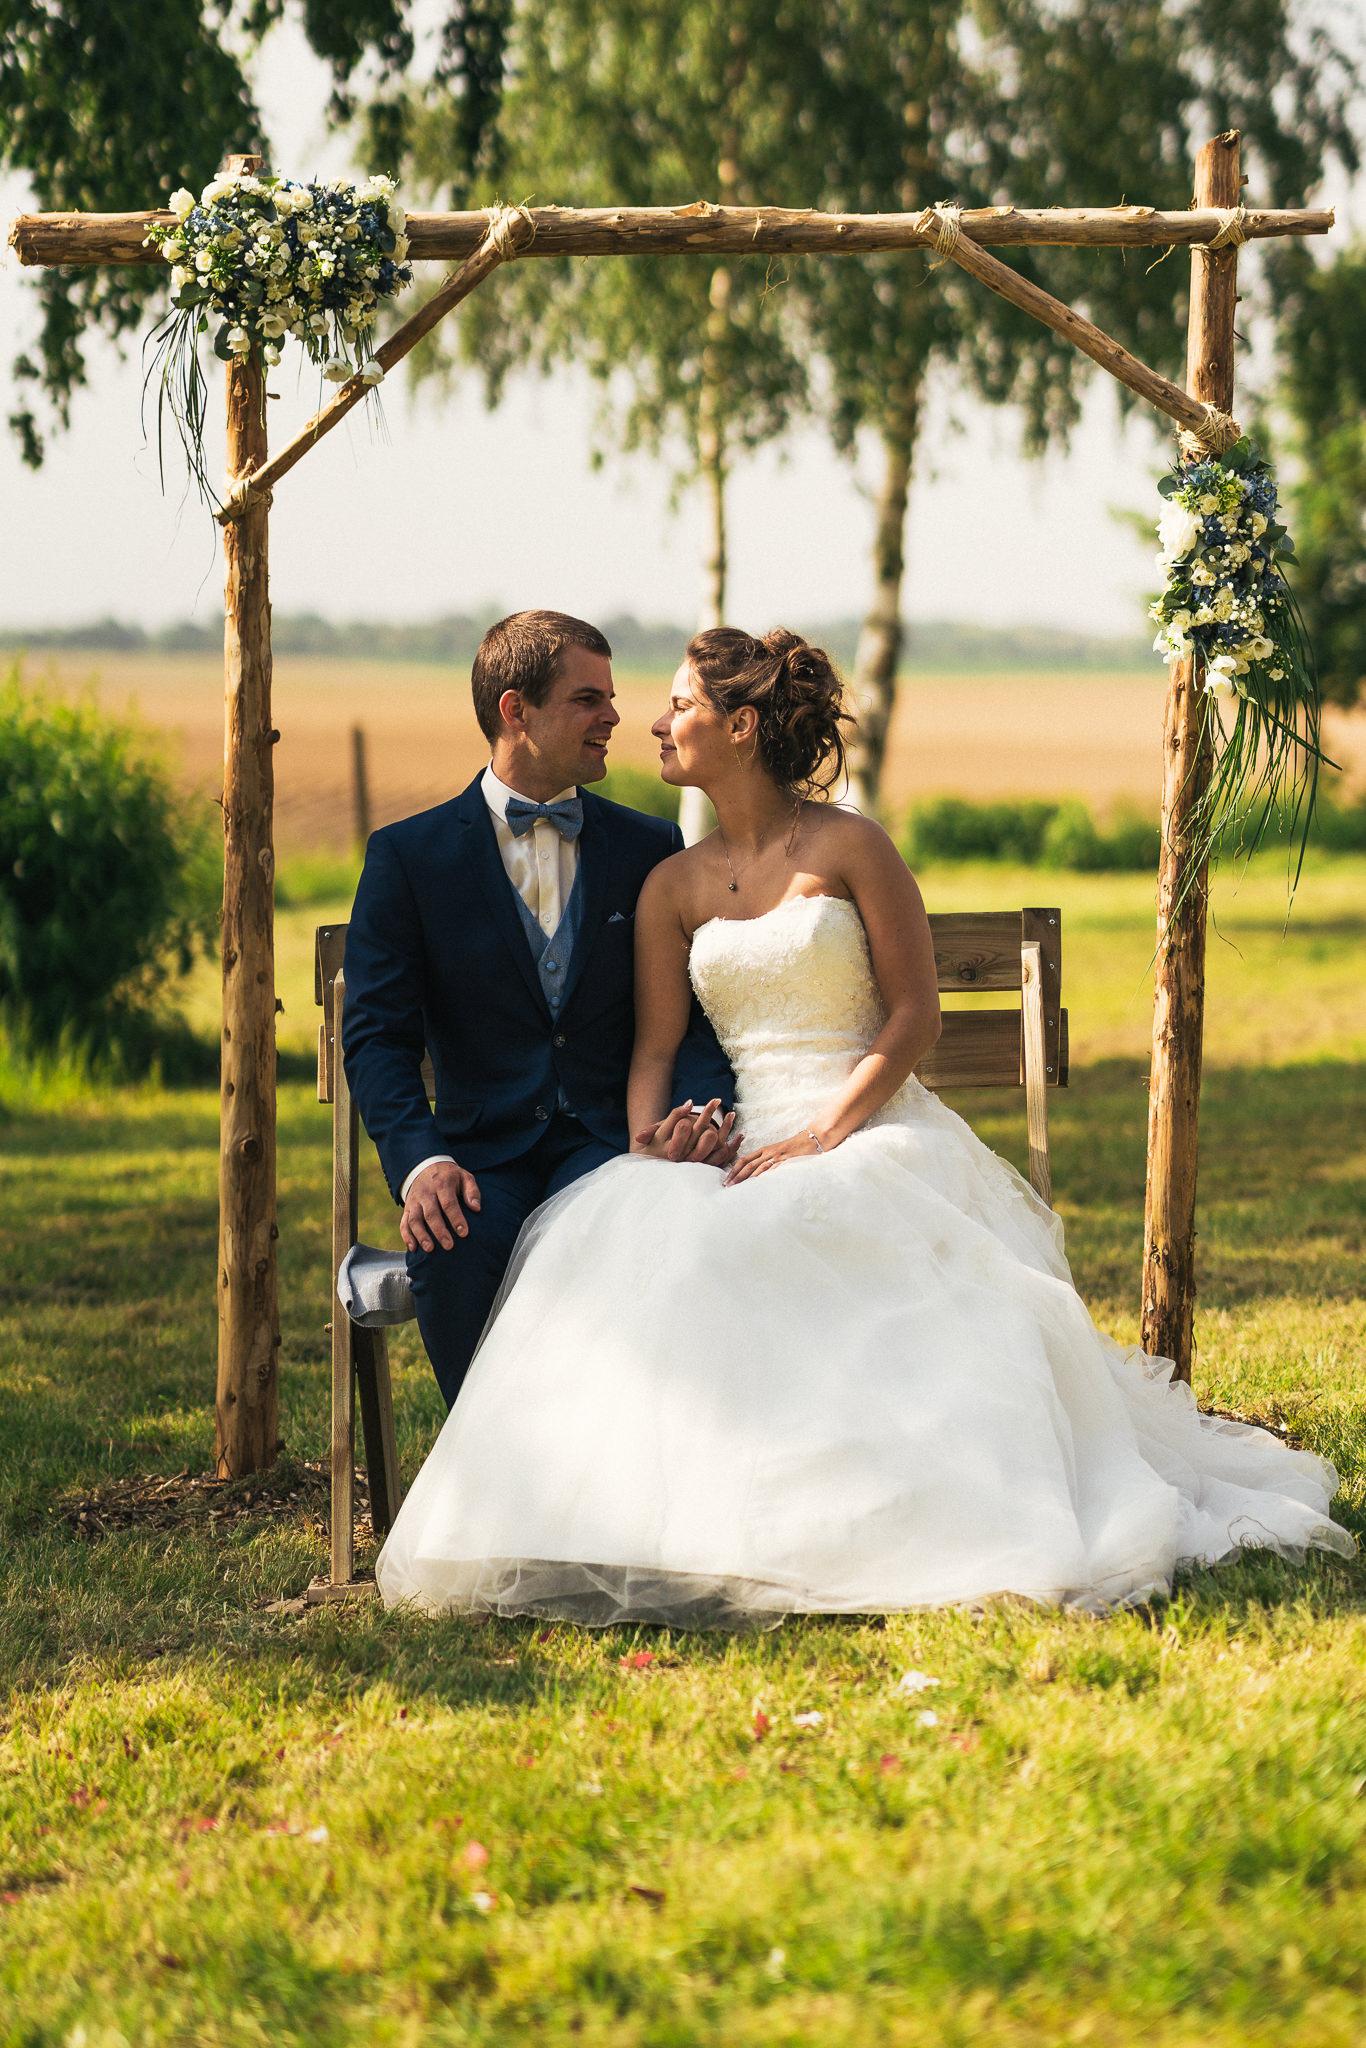 Wedding-Margaux&Nicolas-19052018-reduced-226.jpg